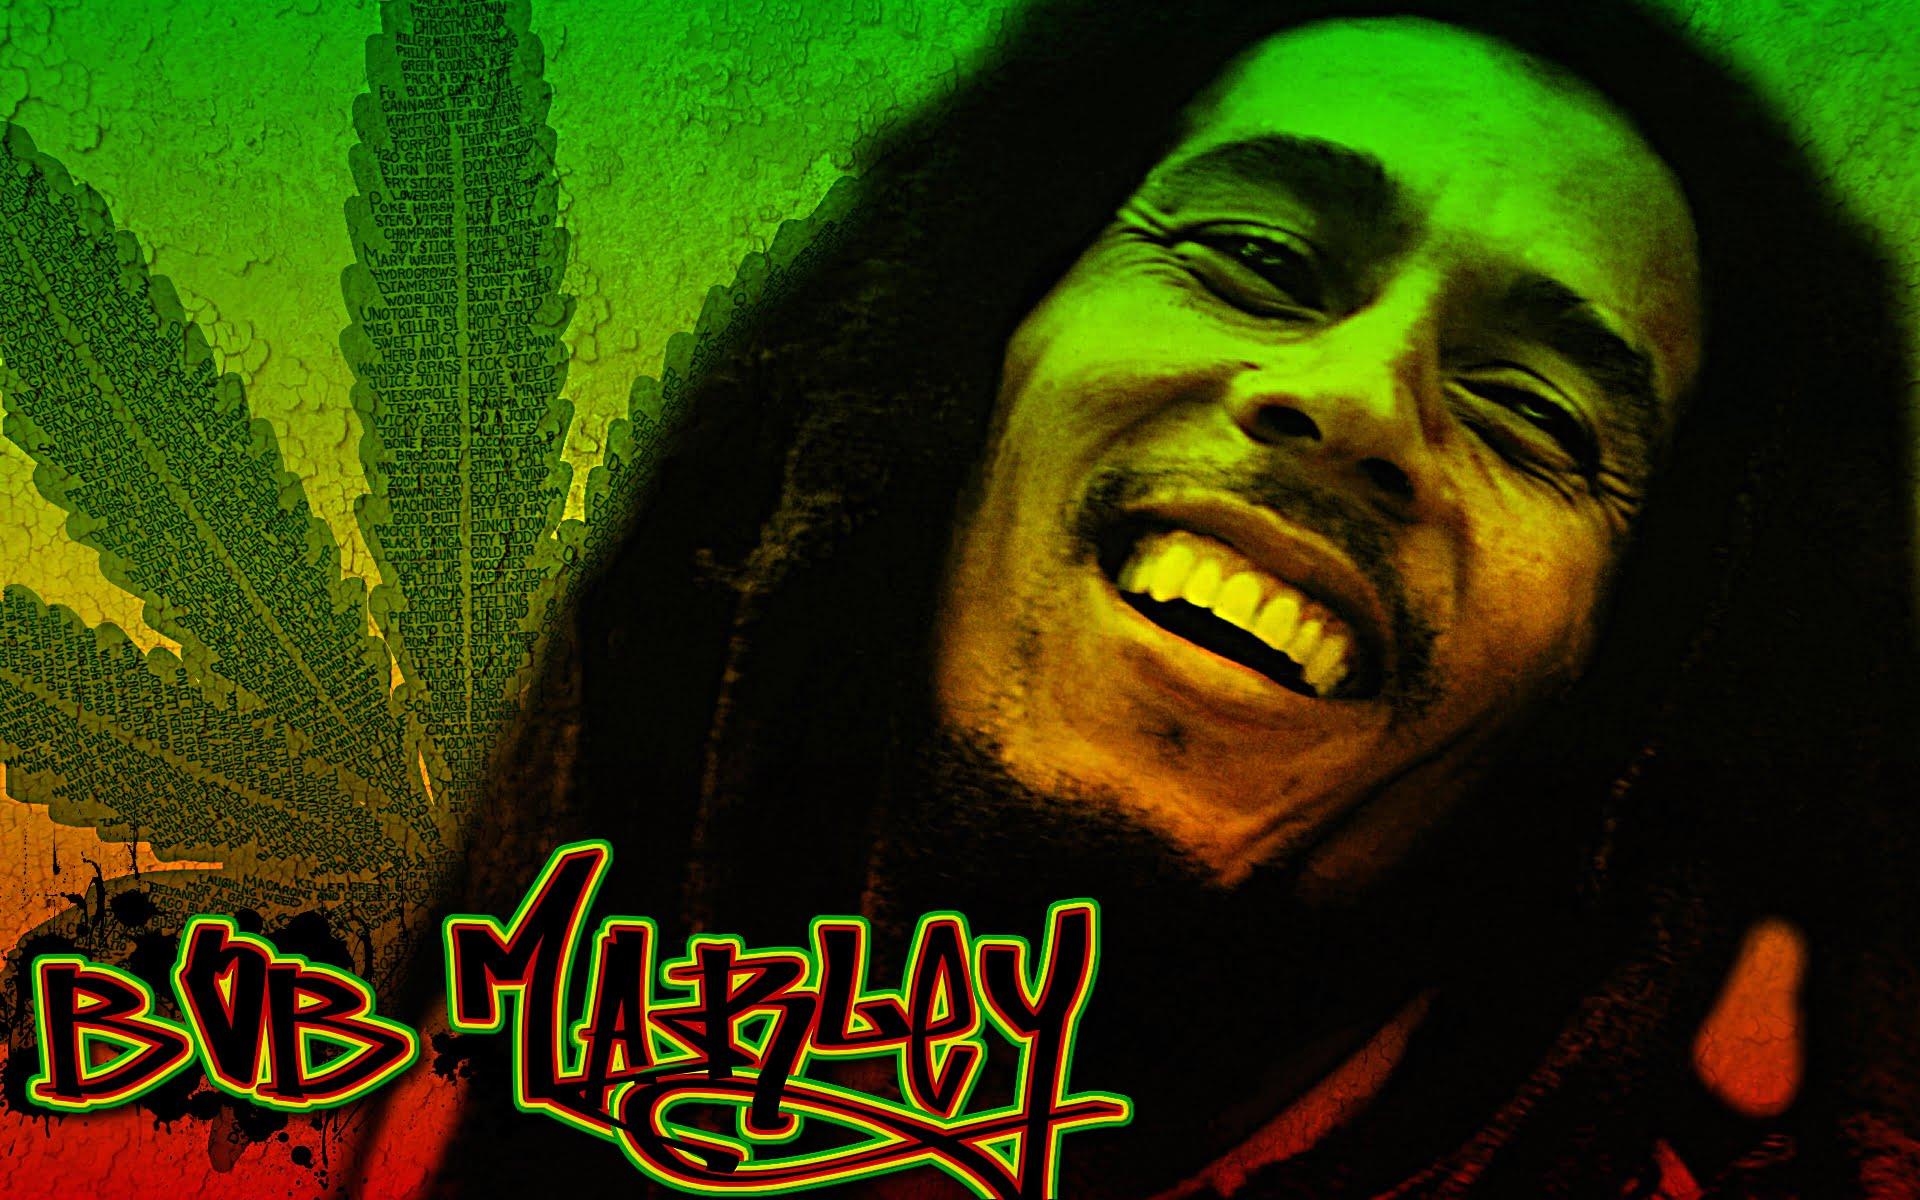 11 mai 1981-11 mai 2018 – Bob Marley, que reste-t-il du mythe?